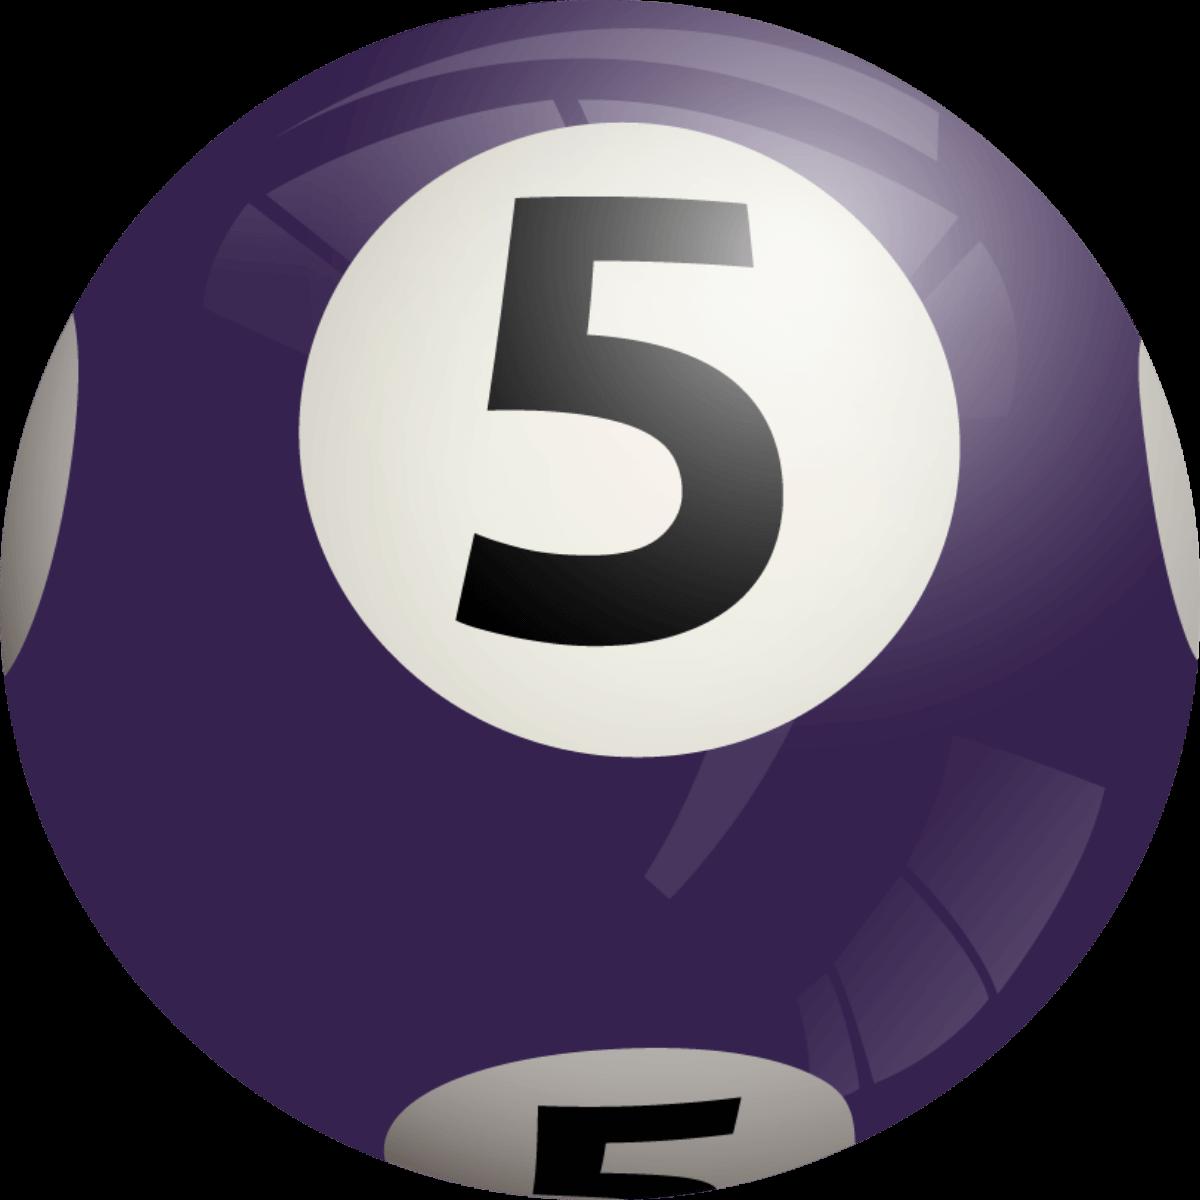 Bingo ball 3